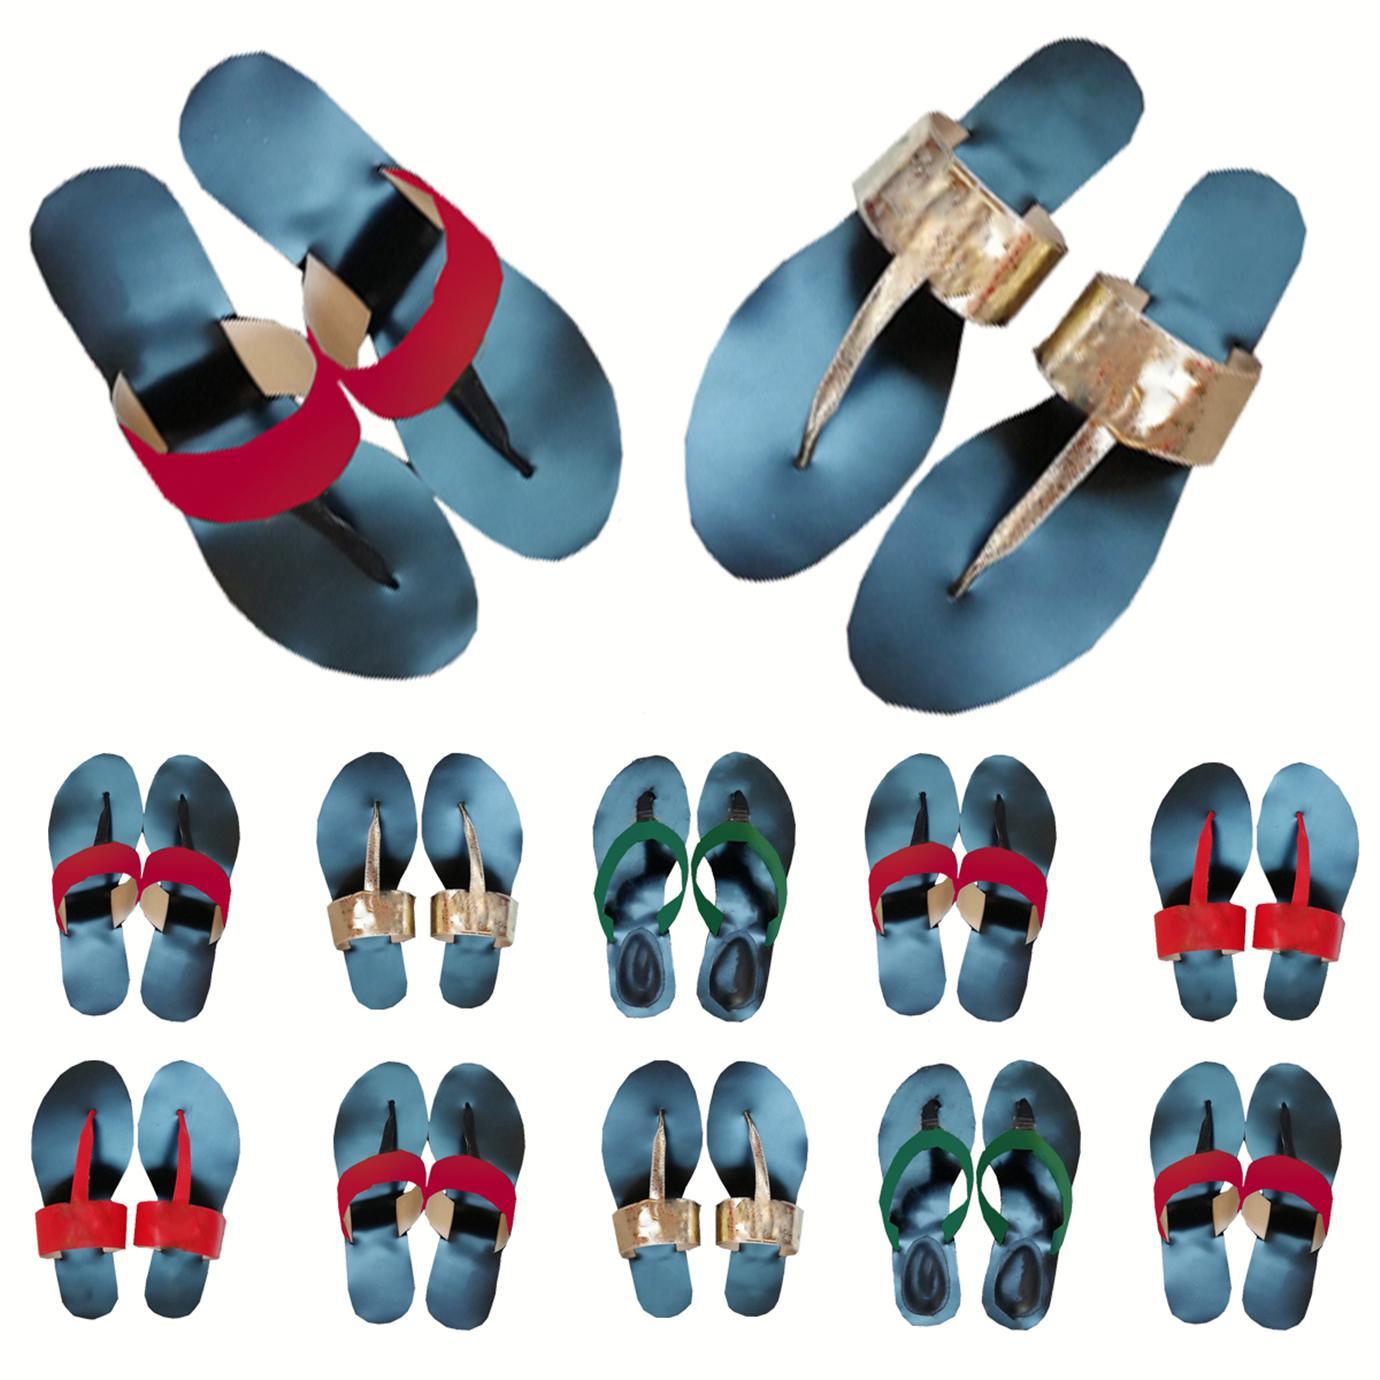 Sandálias Mulheres Slides Homens Sandal Luxurys Designers Sapatos Senhora Senhora Senhoras Chinelos De Verão Loja de Verão Moda Flor de Couro com Box 2021